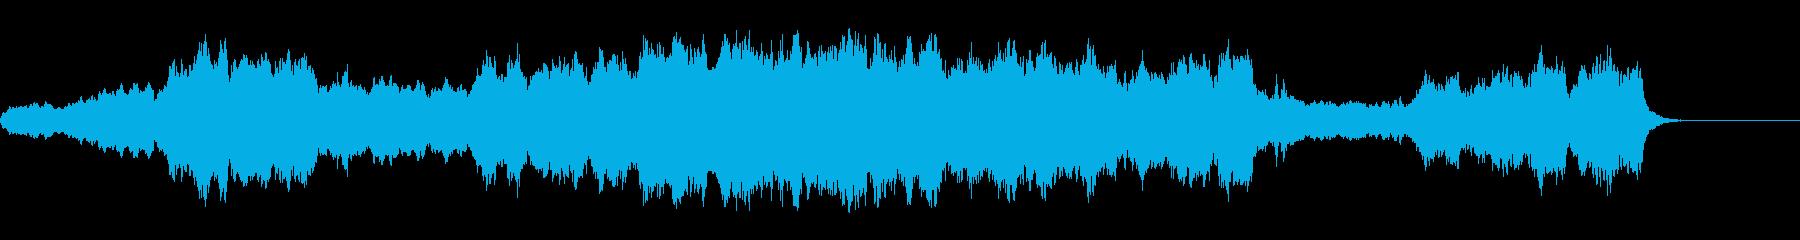 静かで感動的な場面のストリングス曲の再生済みの波形